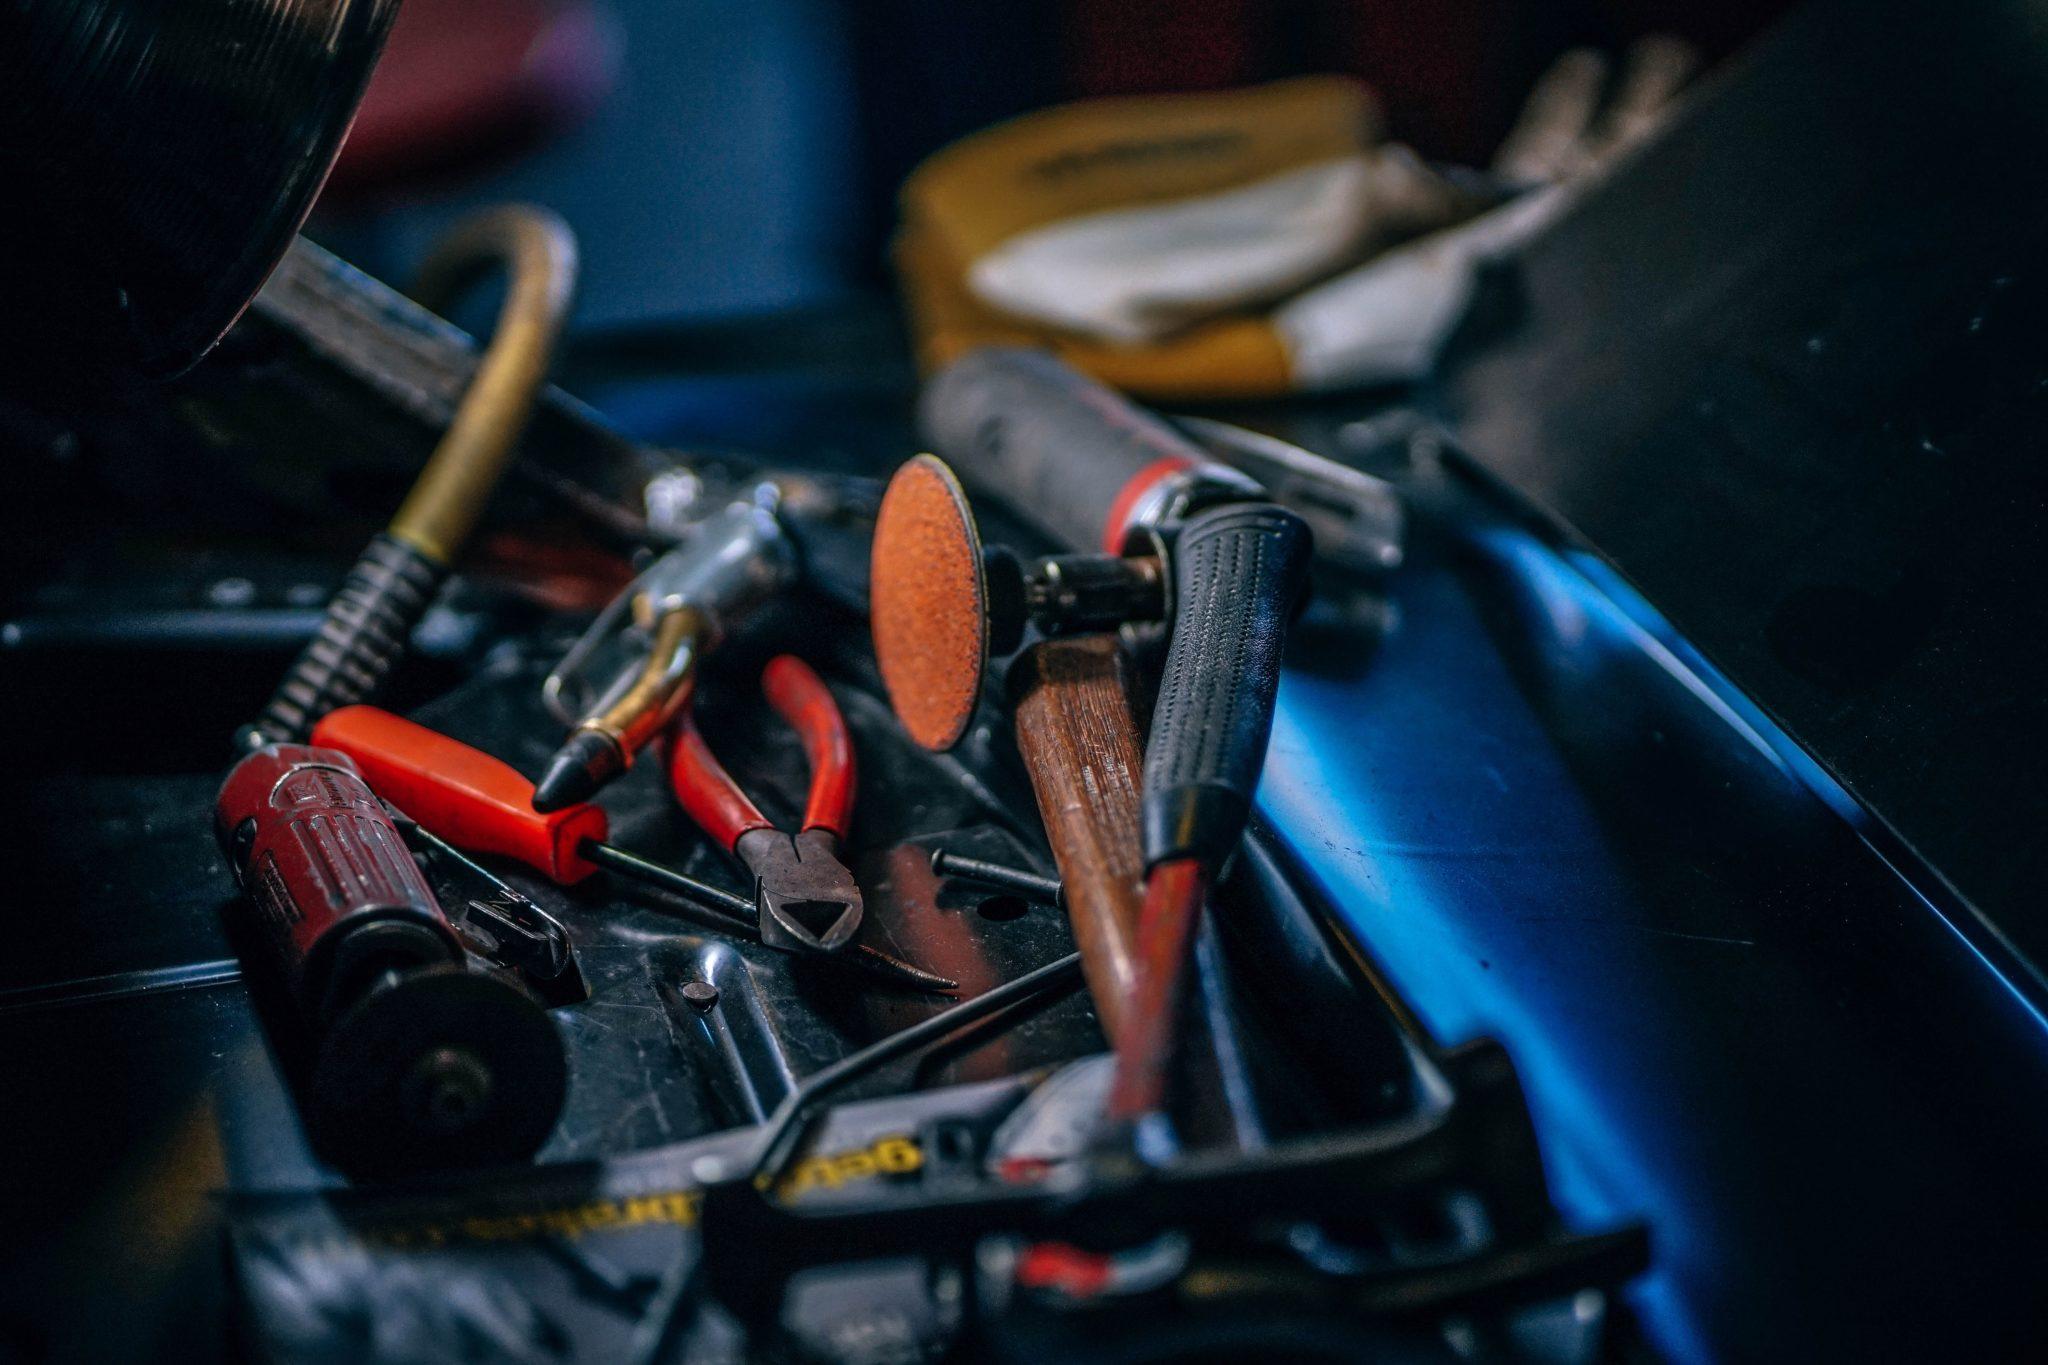 basic motorcycle maintenance tool kit